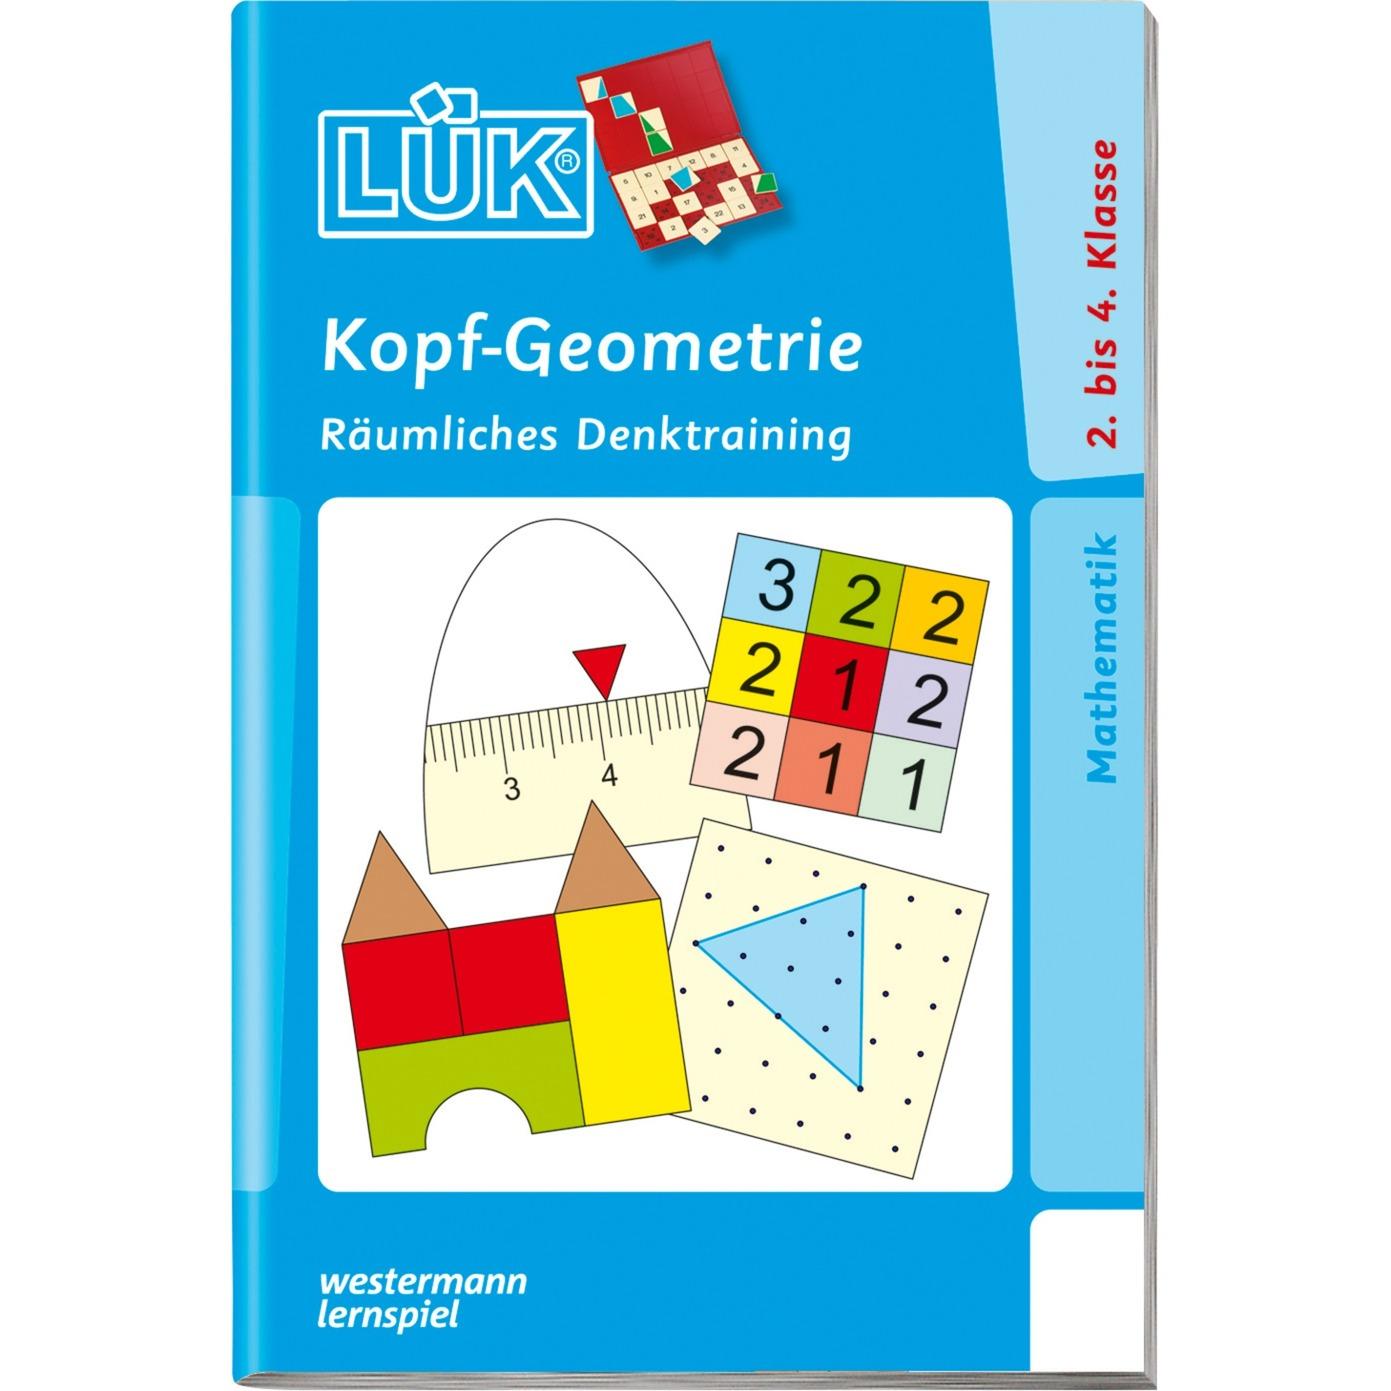 Kopf-Geometrie livre pour enfants, Manuel